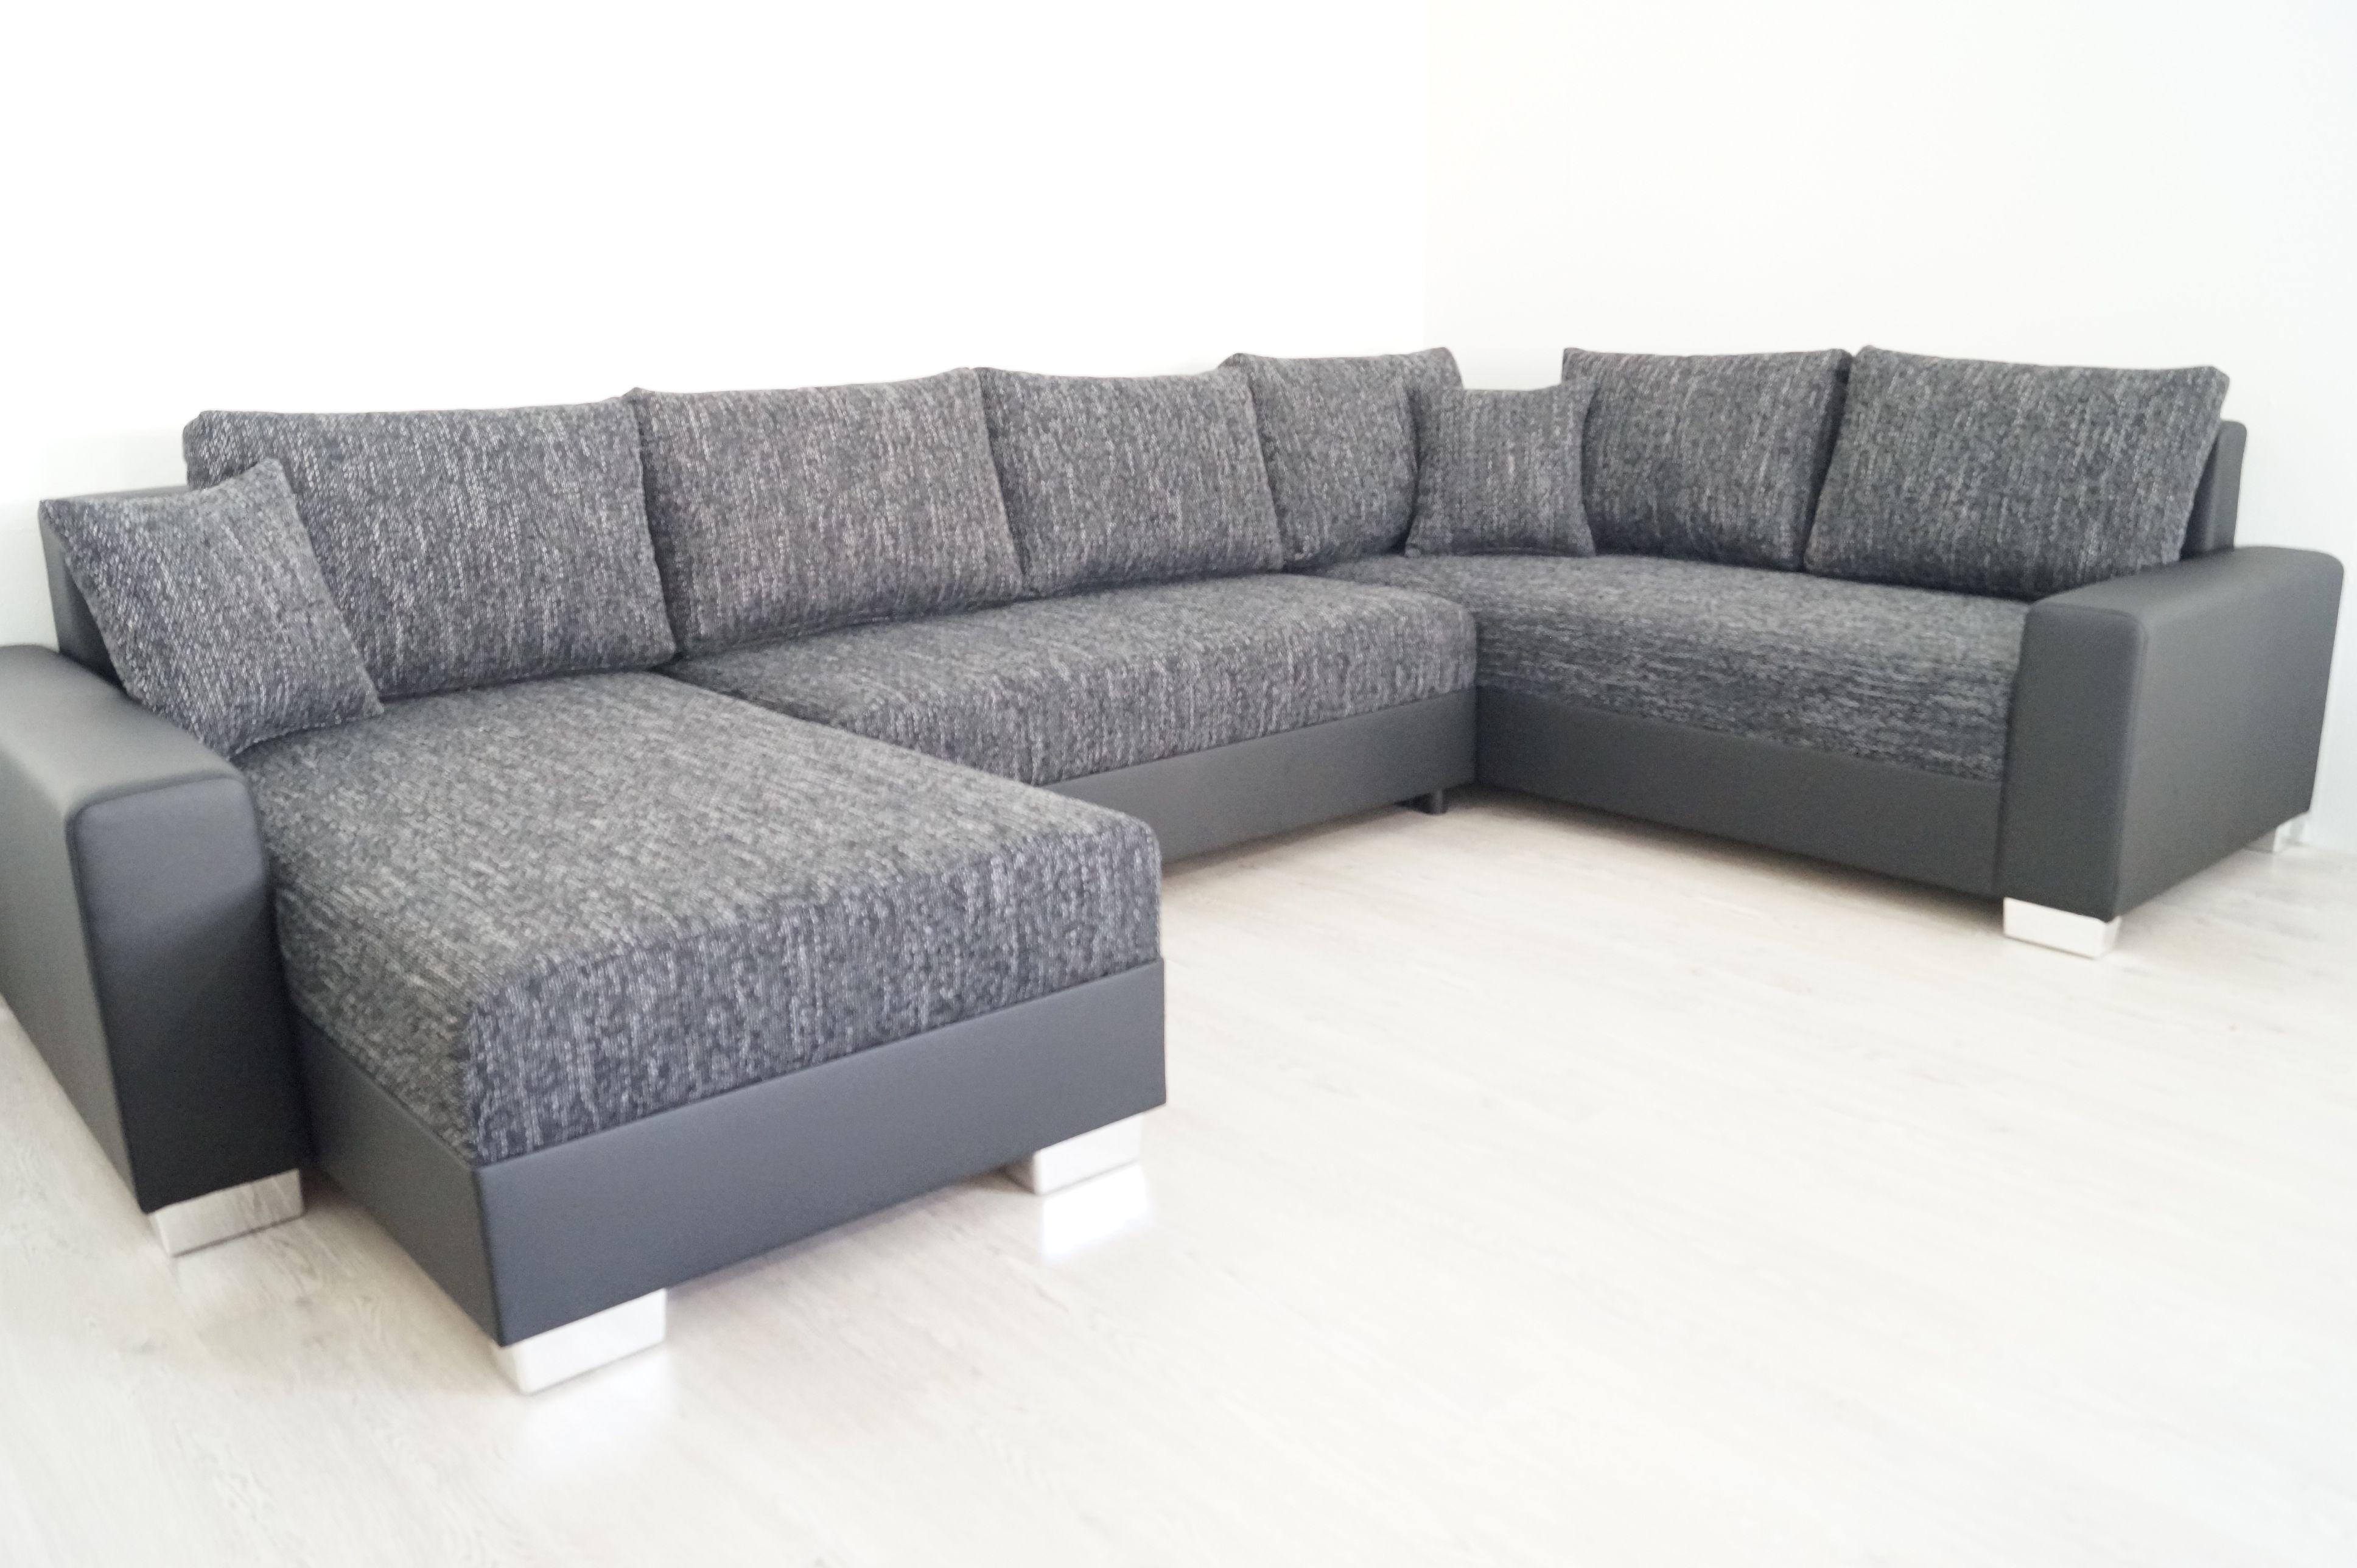 Wunderbar polsterm bel sofa galerie die designideen f r for Sofa lagerverkauf